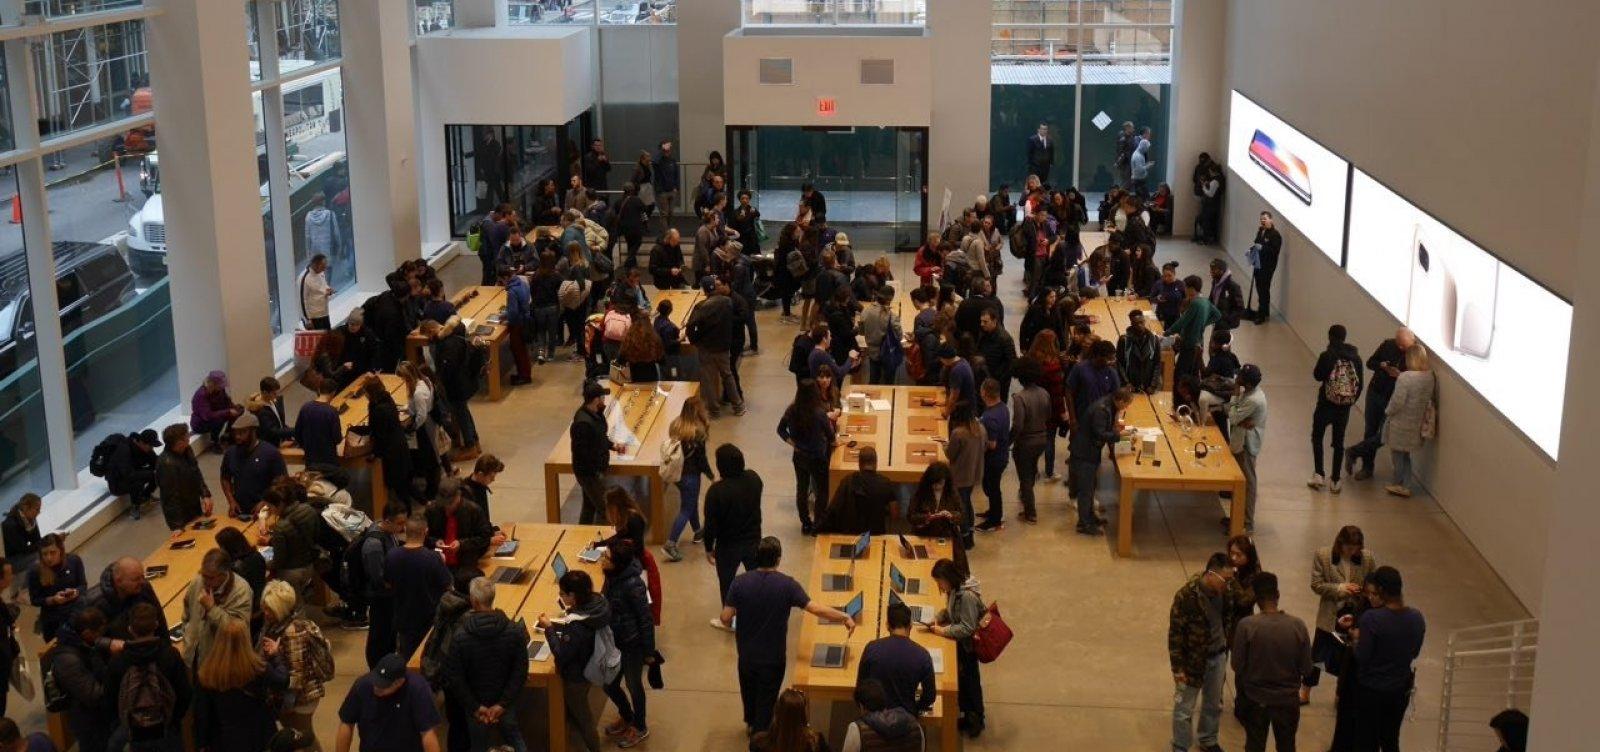 [Apple vai fechar 11 lojas nos EUA por aumento de casos de coronavírus]